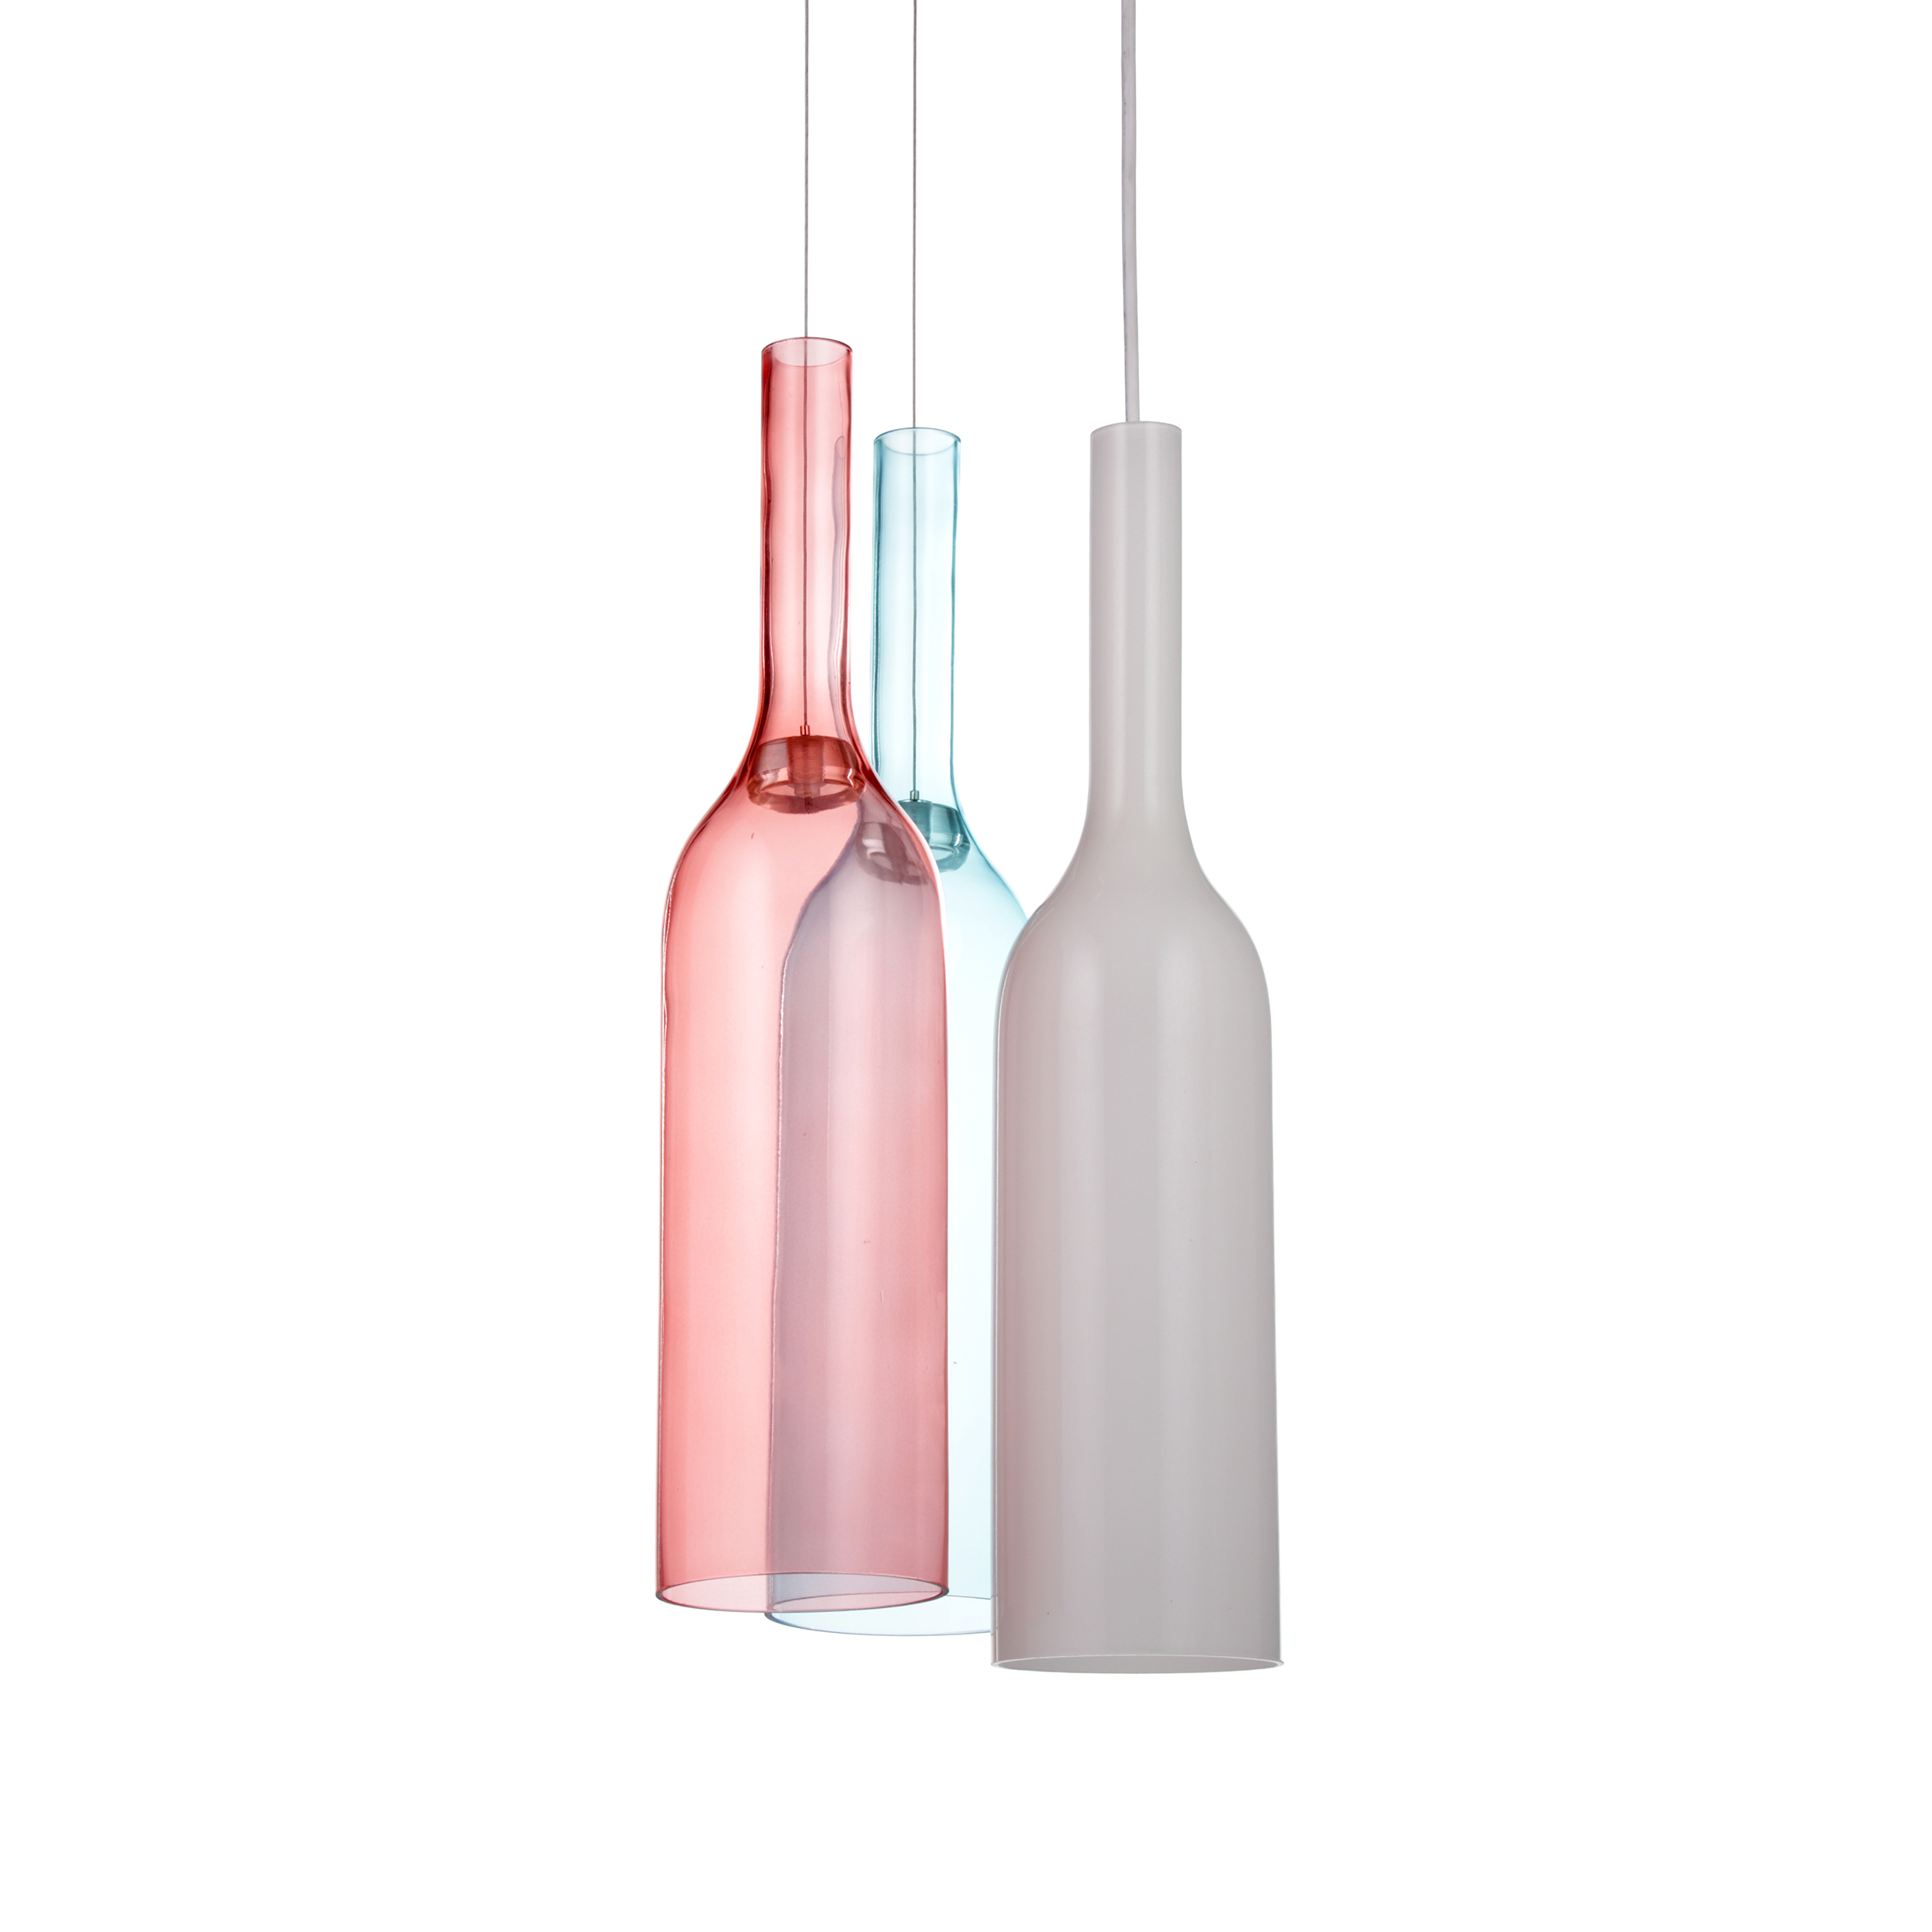 Подвесной светильник Jar RGB 3 лампыПодвесные<br>Кредо компании Lasvit, подарившей нам коллекцию подвесных светильников Jar RGB: «Наша задача — превратить стекло в не имеющие аналогов дизайнерские светильники, от которых у вас обязательно захватит дух».<br> <br> Подвесной светильник Jar RGB 3 лампы выполнен в особой технике выдувания стекла и несет в себе концепцию цветовой модели RGB (аббревиатура английских слов Red, Green, Blue — красный, зеленый, синий). Светильники сделаны из опалового стекла, благодаря чему свет качественно не меняется, о...<br><br>stock: 5<br>Высота: 180<br>Диаметр: 30<br>Количество ламп: 1<br>Материал абажура: Стекло<br>Мощность лампы: 40<br>Ламп в комплекте: Нет<br>Напряжение: 220<br>Тип лампы/цоколь: E27<br>Цвет абажура: Разноцветный